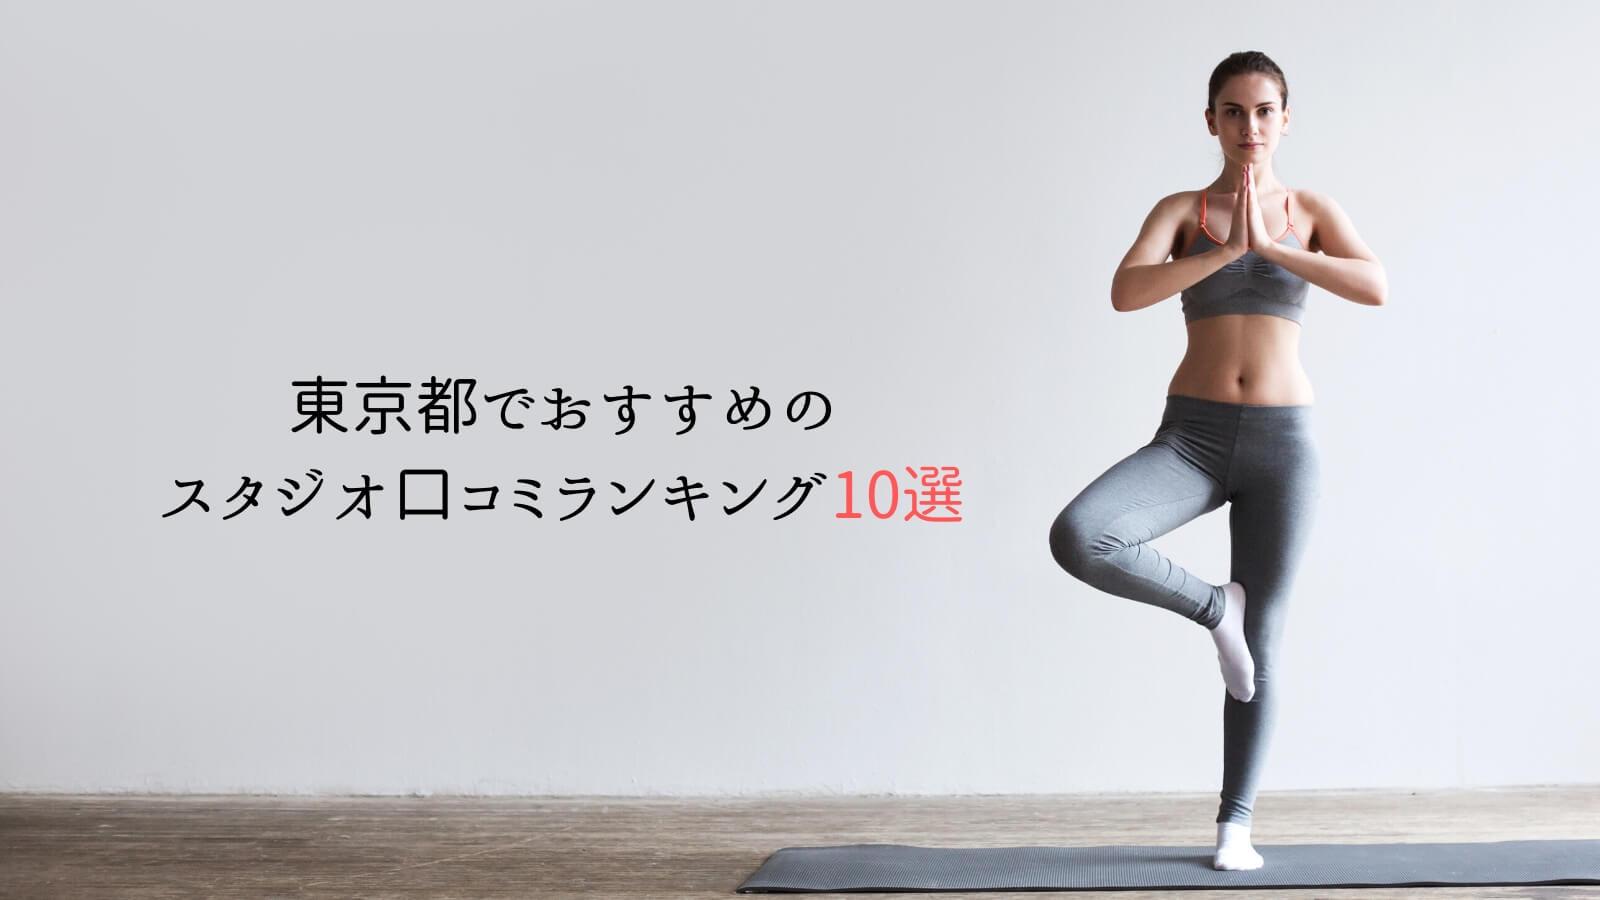 東京でおすすめのマタニティヨガスタジオ口コミランキング10選